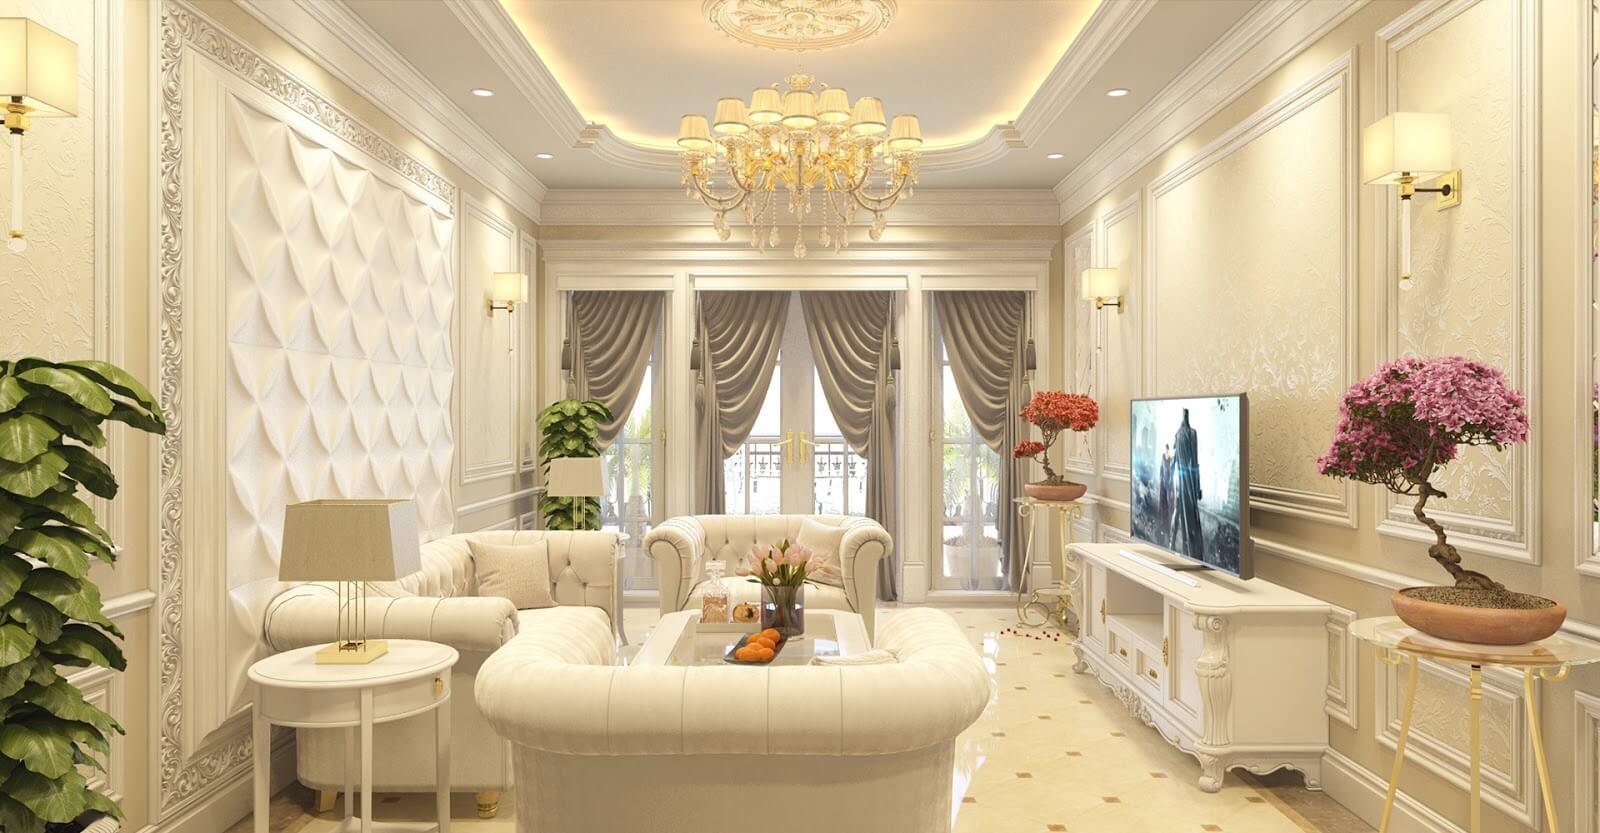 thiết kế theo phong cách nội thất tân cổ điển